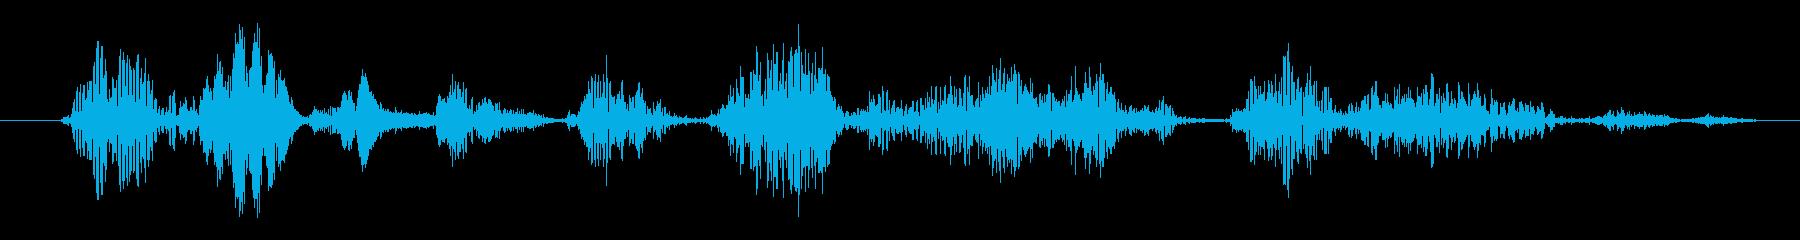 フィクション AI スペースシャト...の再生済みの波形